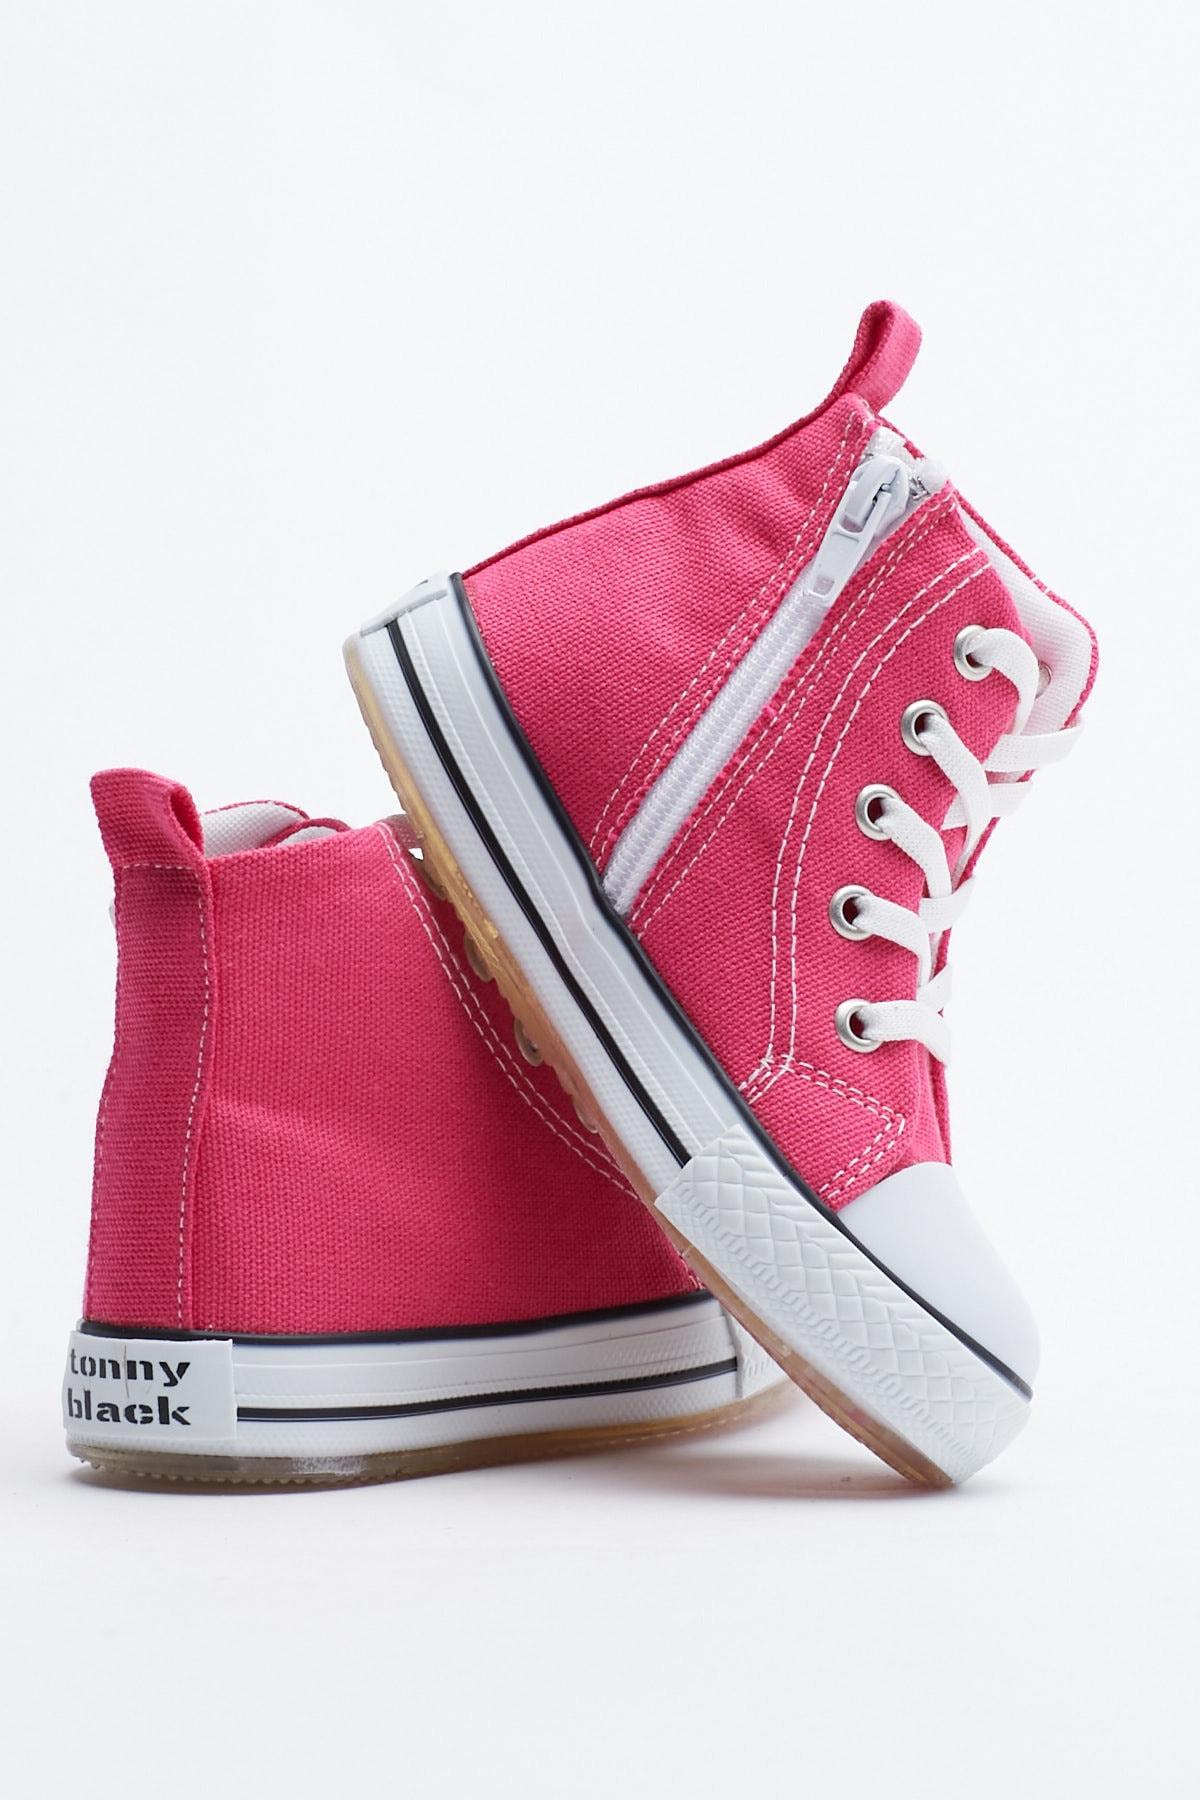 Tonny Black Fuşya Çocuk Spor Ayakkabı Uzun Tb999 3